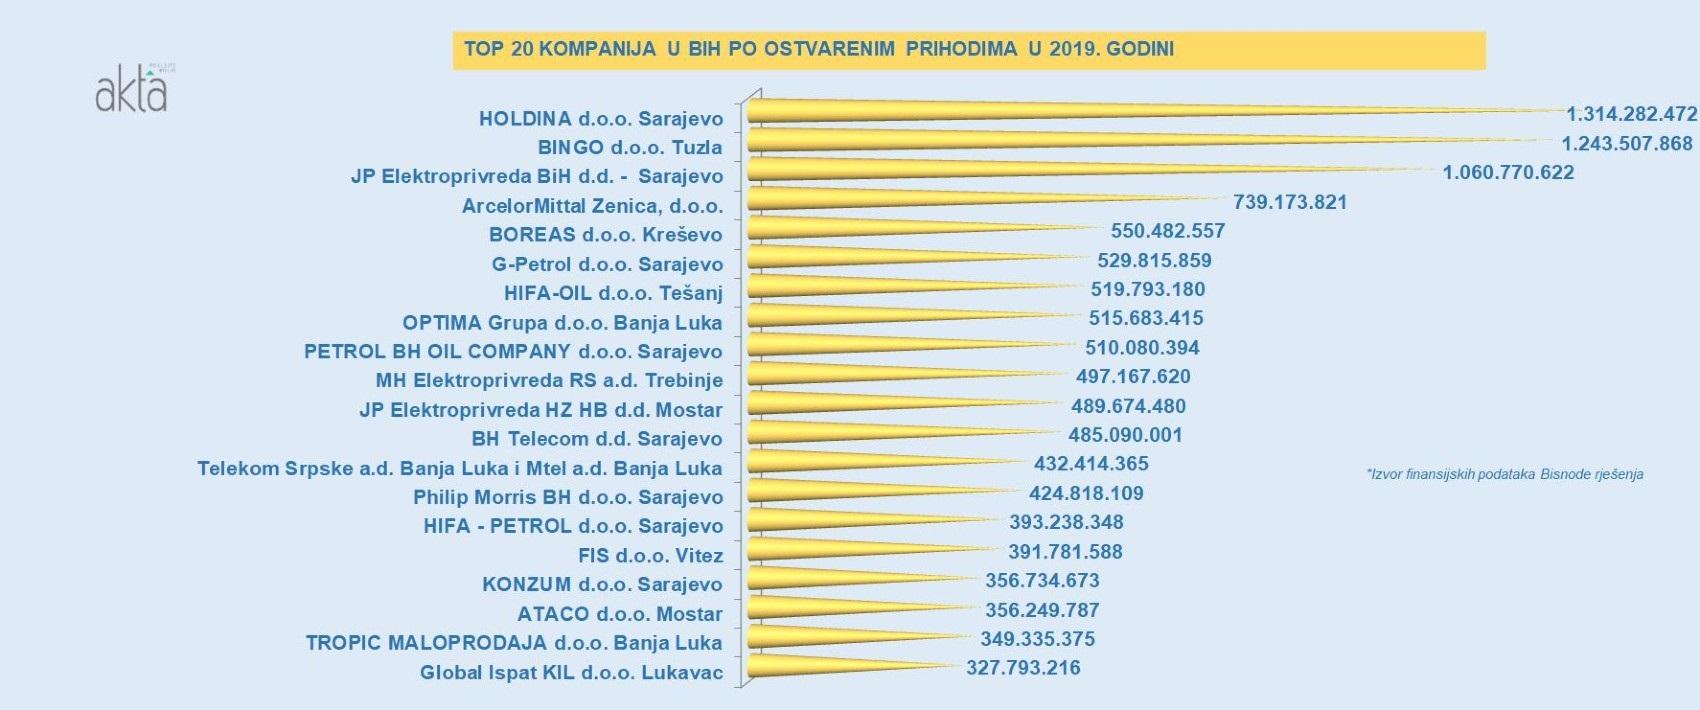 TOP 20 kompanija u BiH po ostvarenom prihodu u 2019. godini